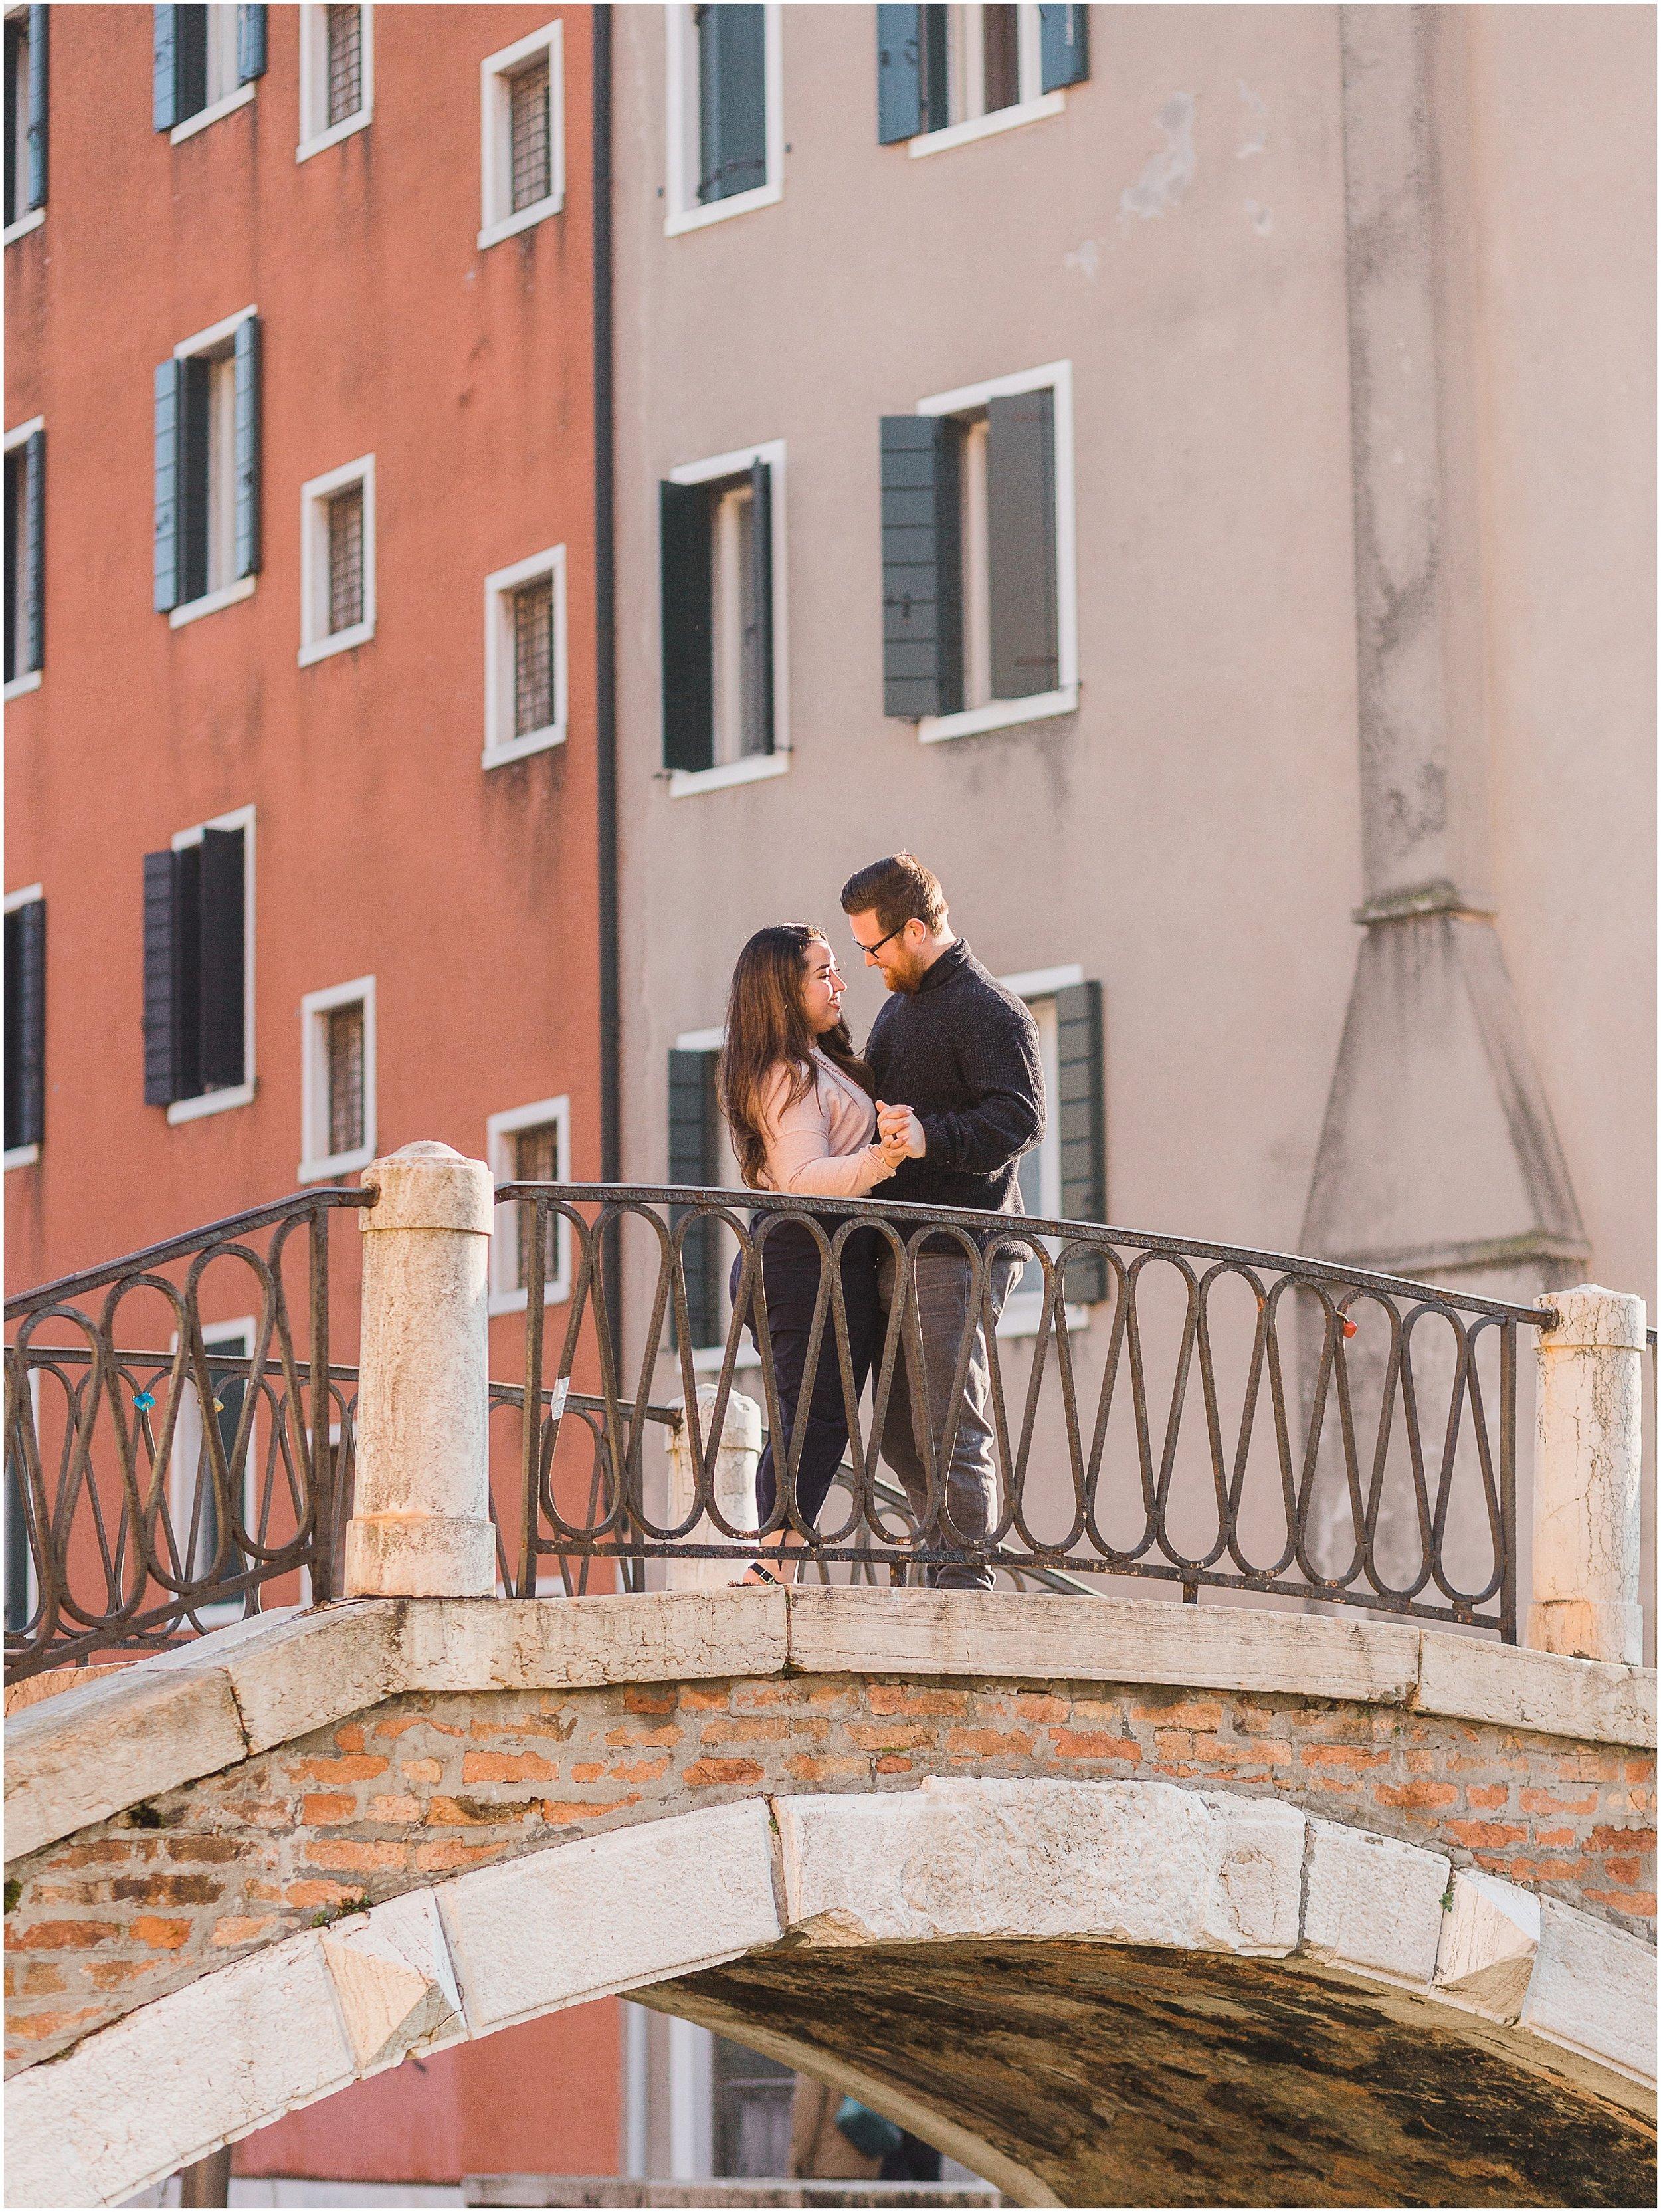 Venice-italy-wedding-photographer-stefano-degirmenci_0044.jpg